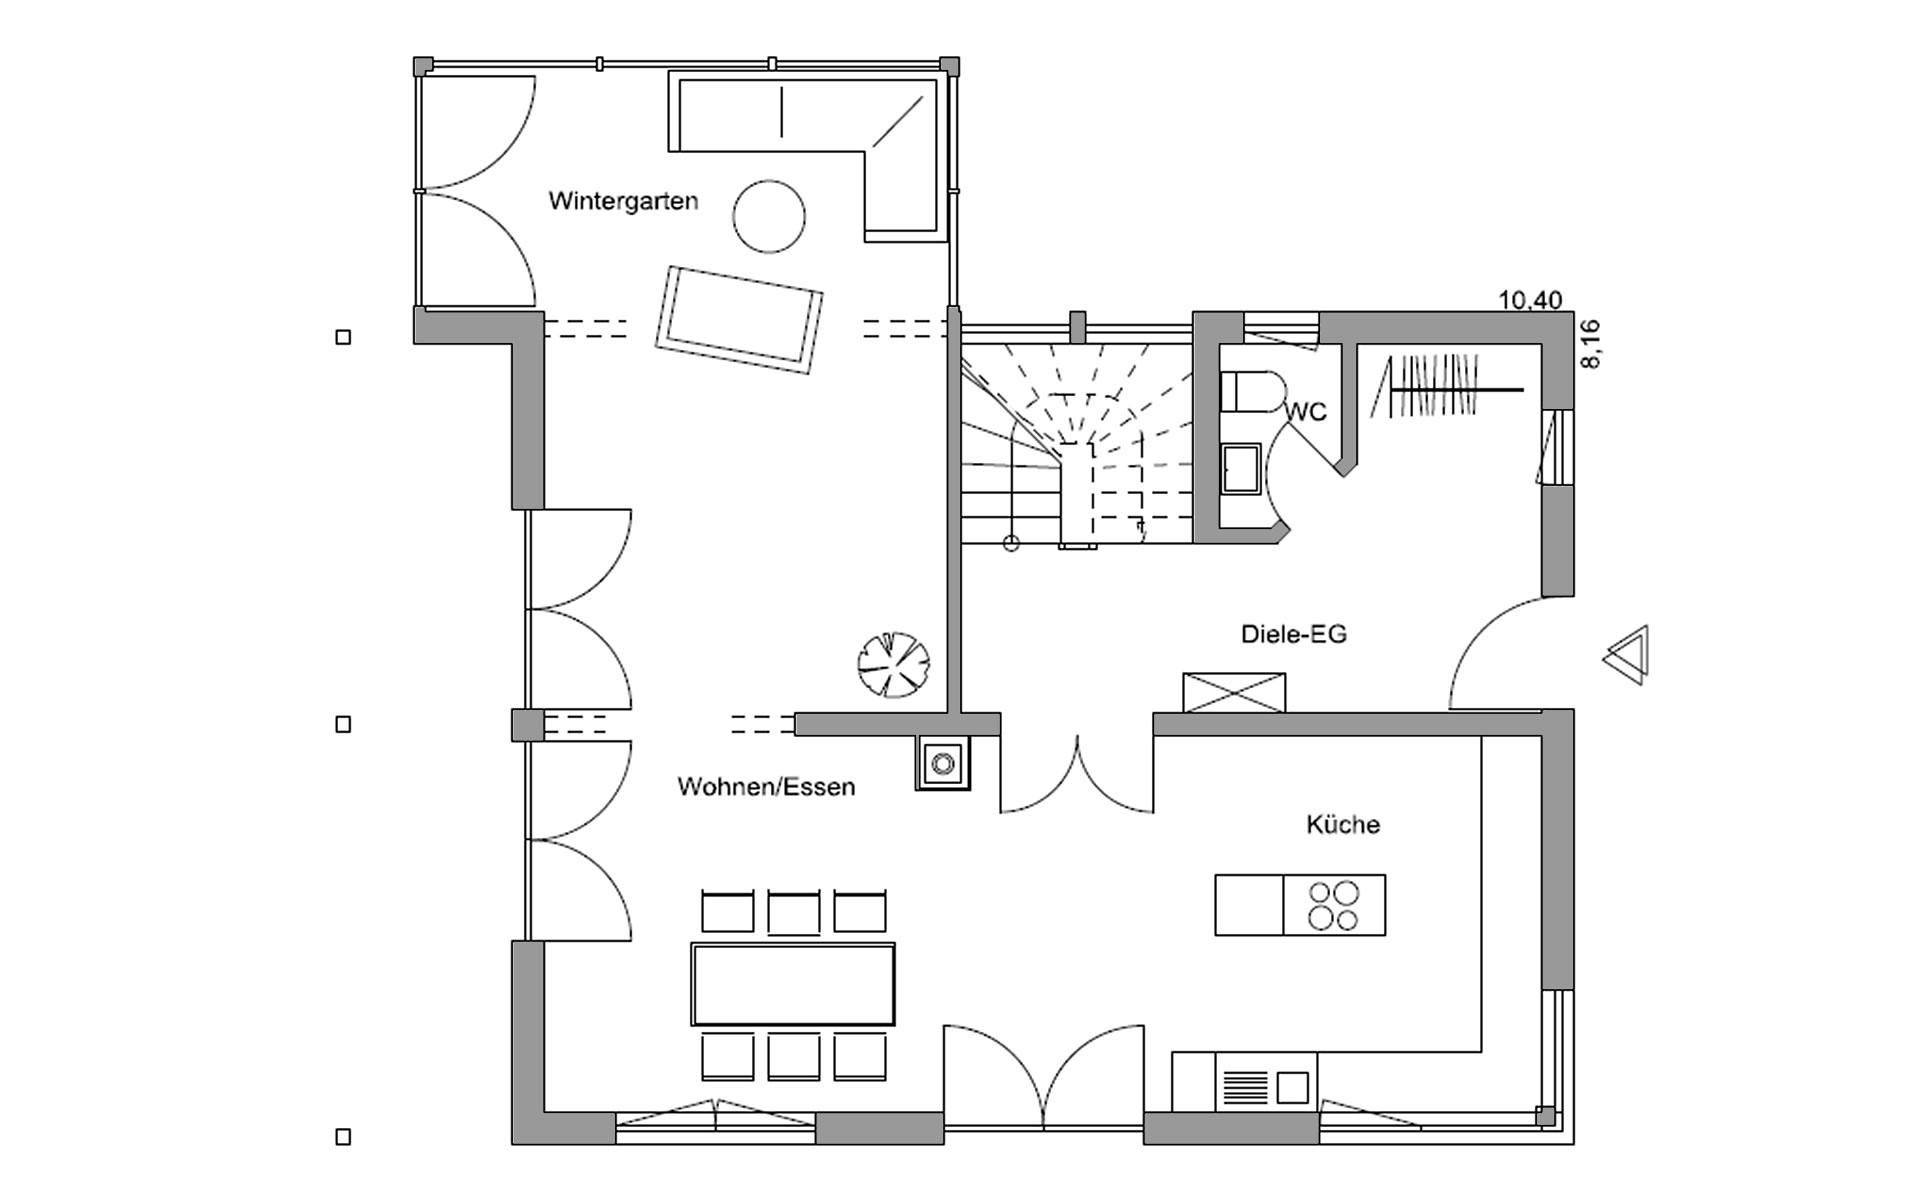 Erdgeschoss Seehausen von Regnauer Hausbau GmbH & Co. KG